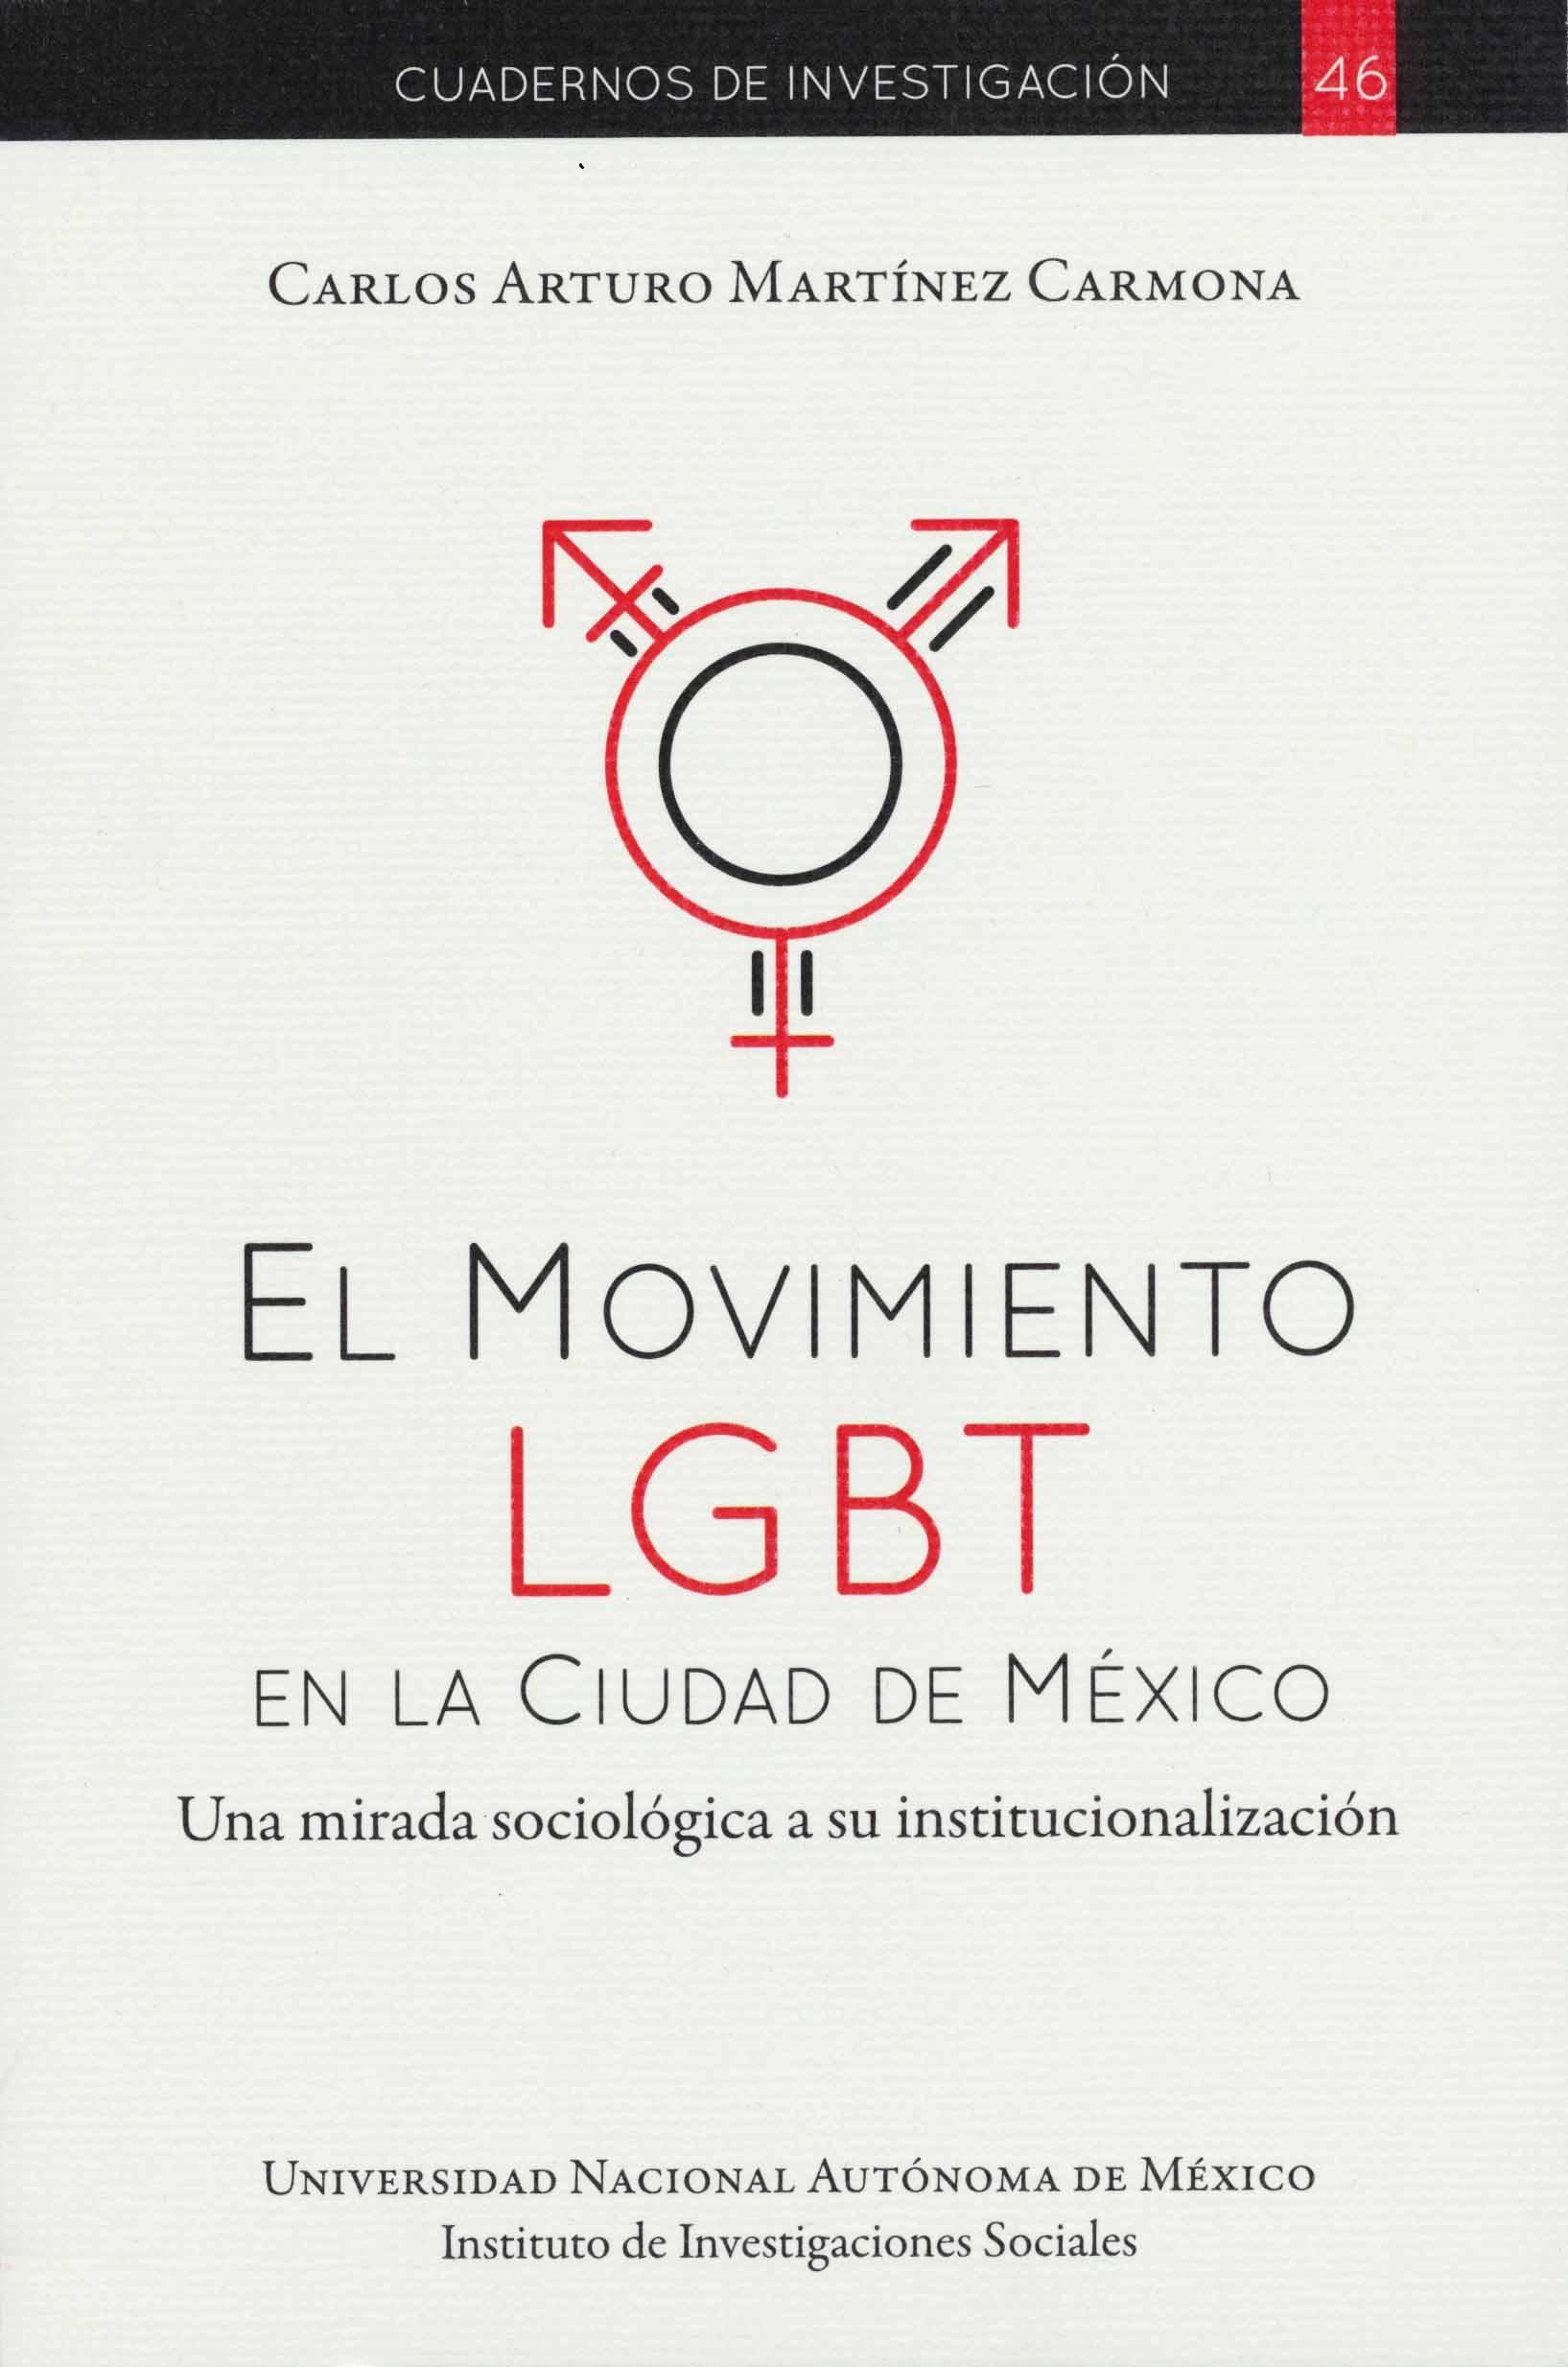 El movimiento LGBT en la Ciudad de México: una mirada sociológica a su institucionalización